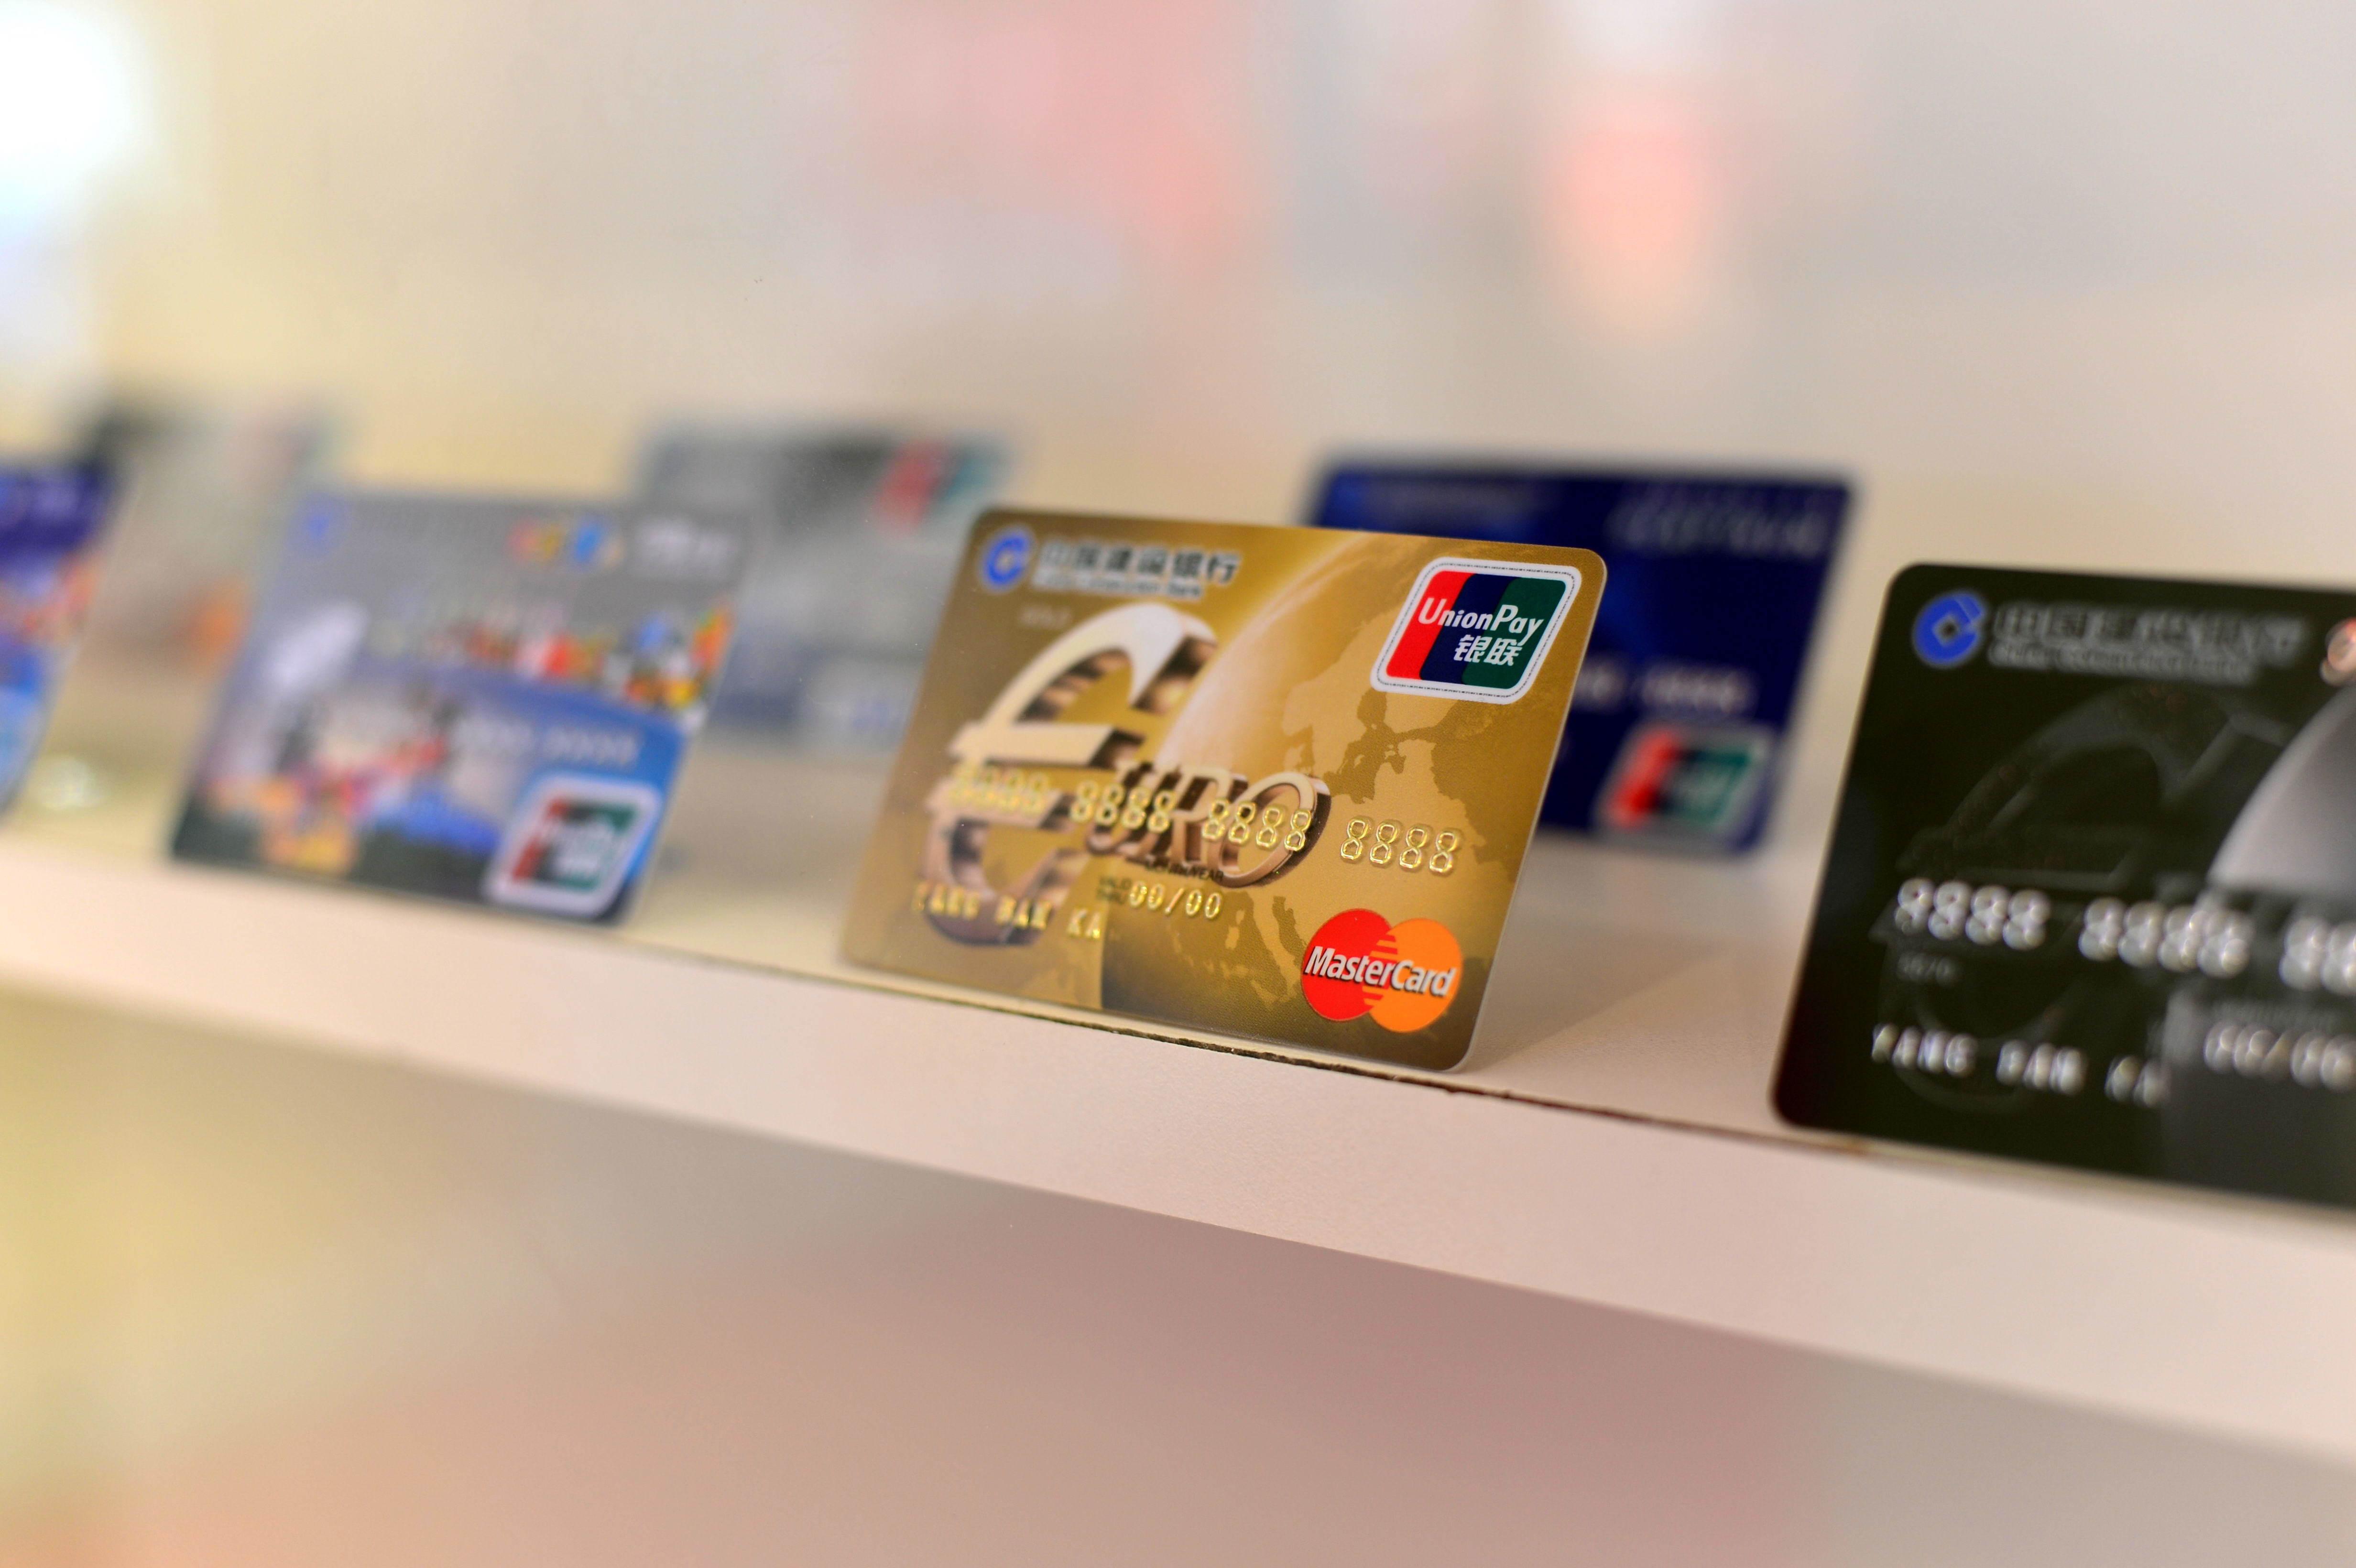 非正常用卡是怎么被一眼识破的?